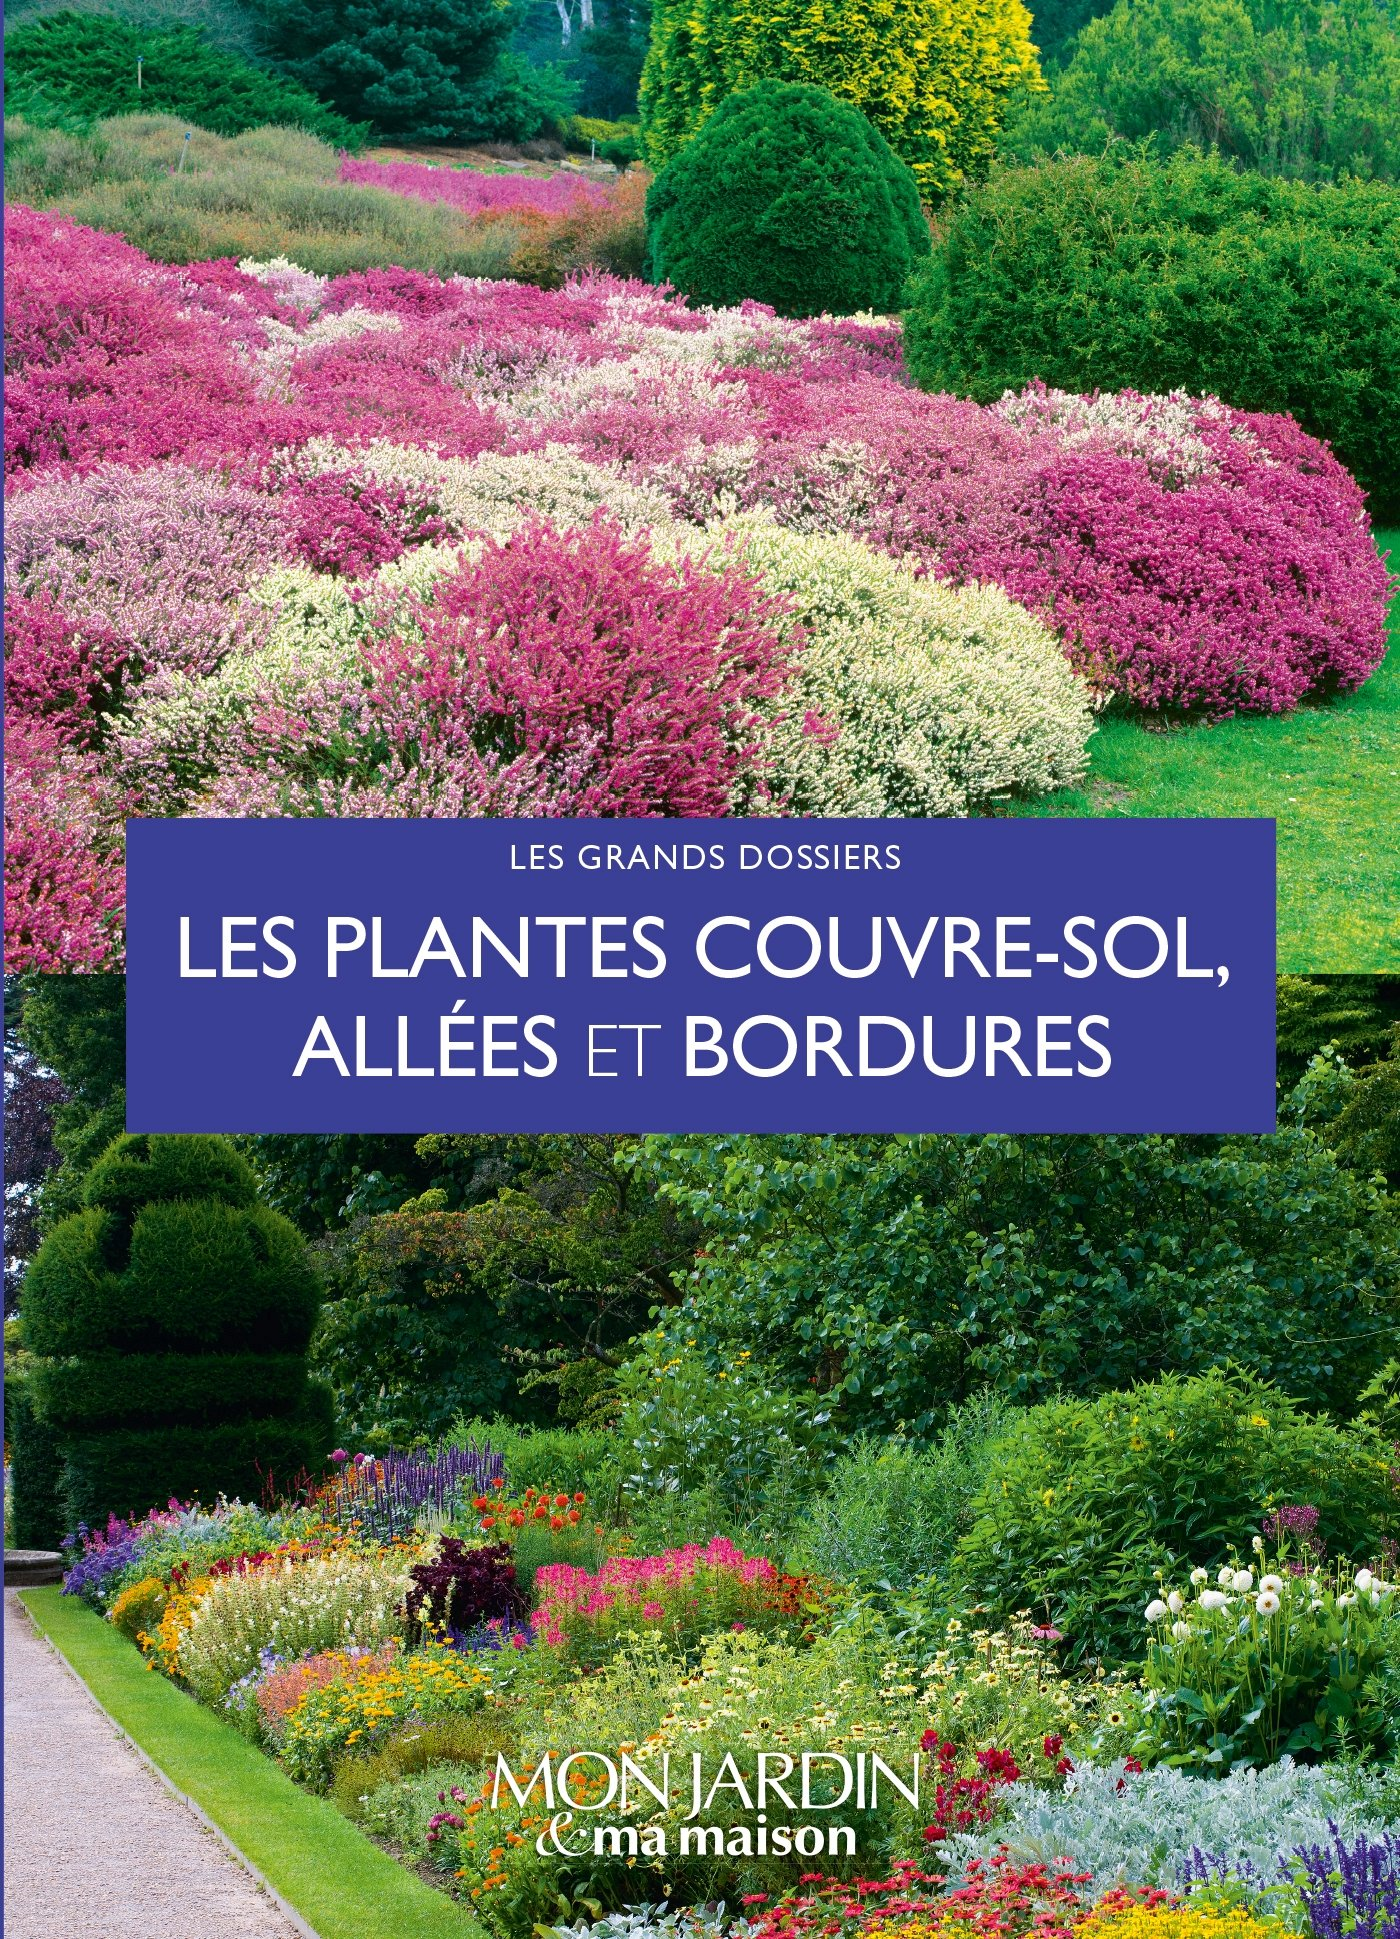 Amazon.fr - Les plantes couvre-sols, allées et bordures